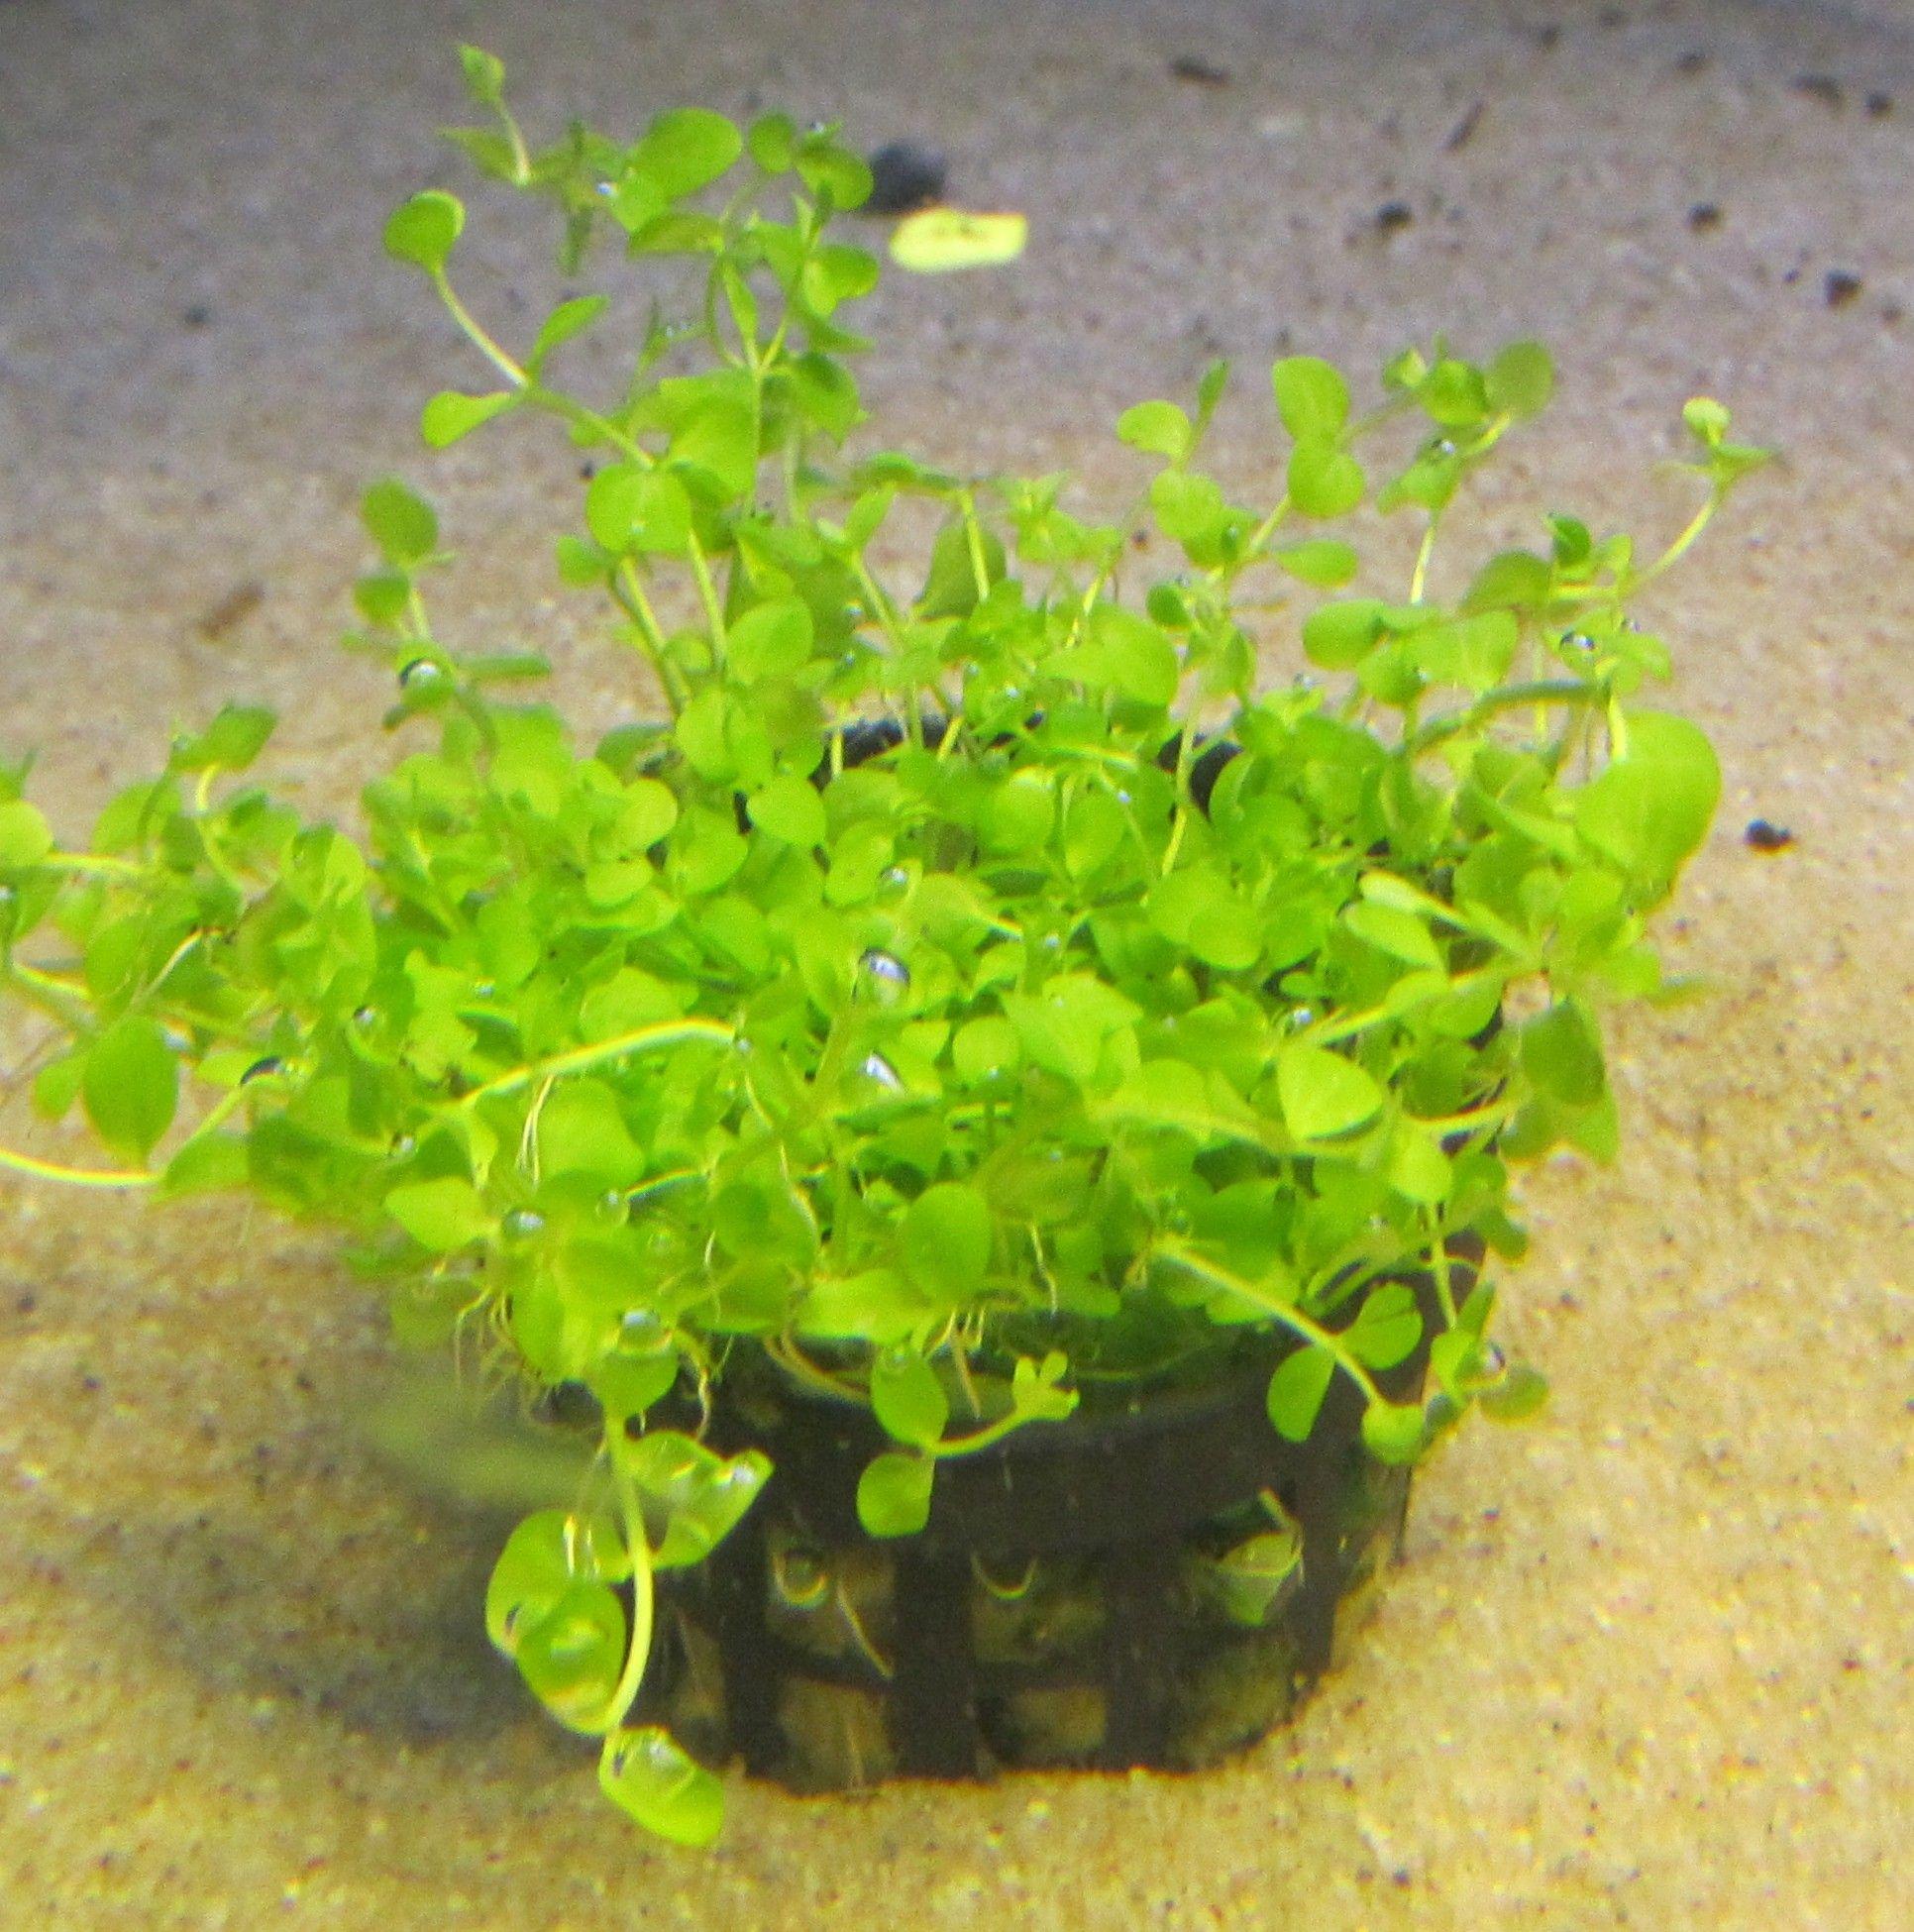 Micranthemum monte carlo.